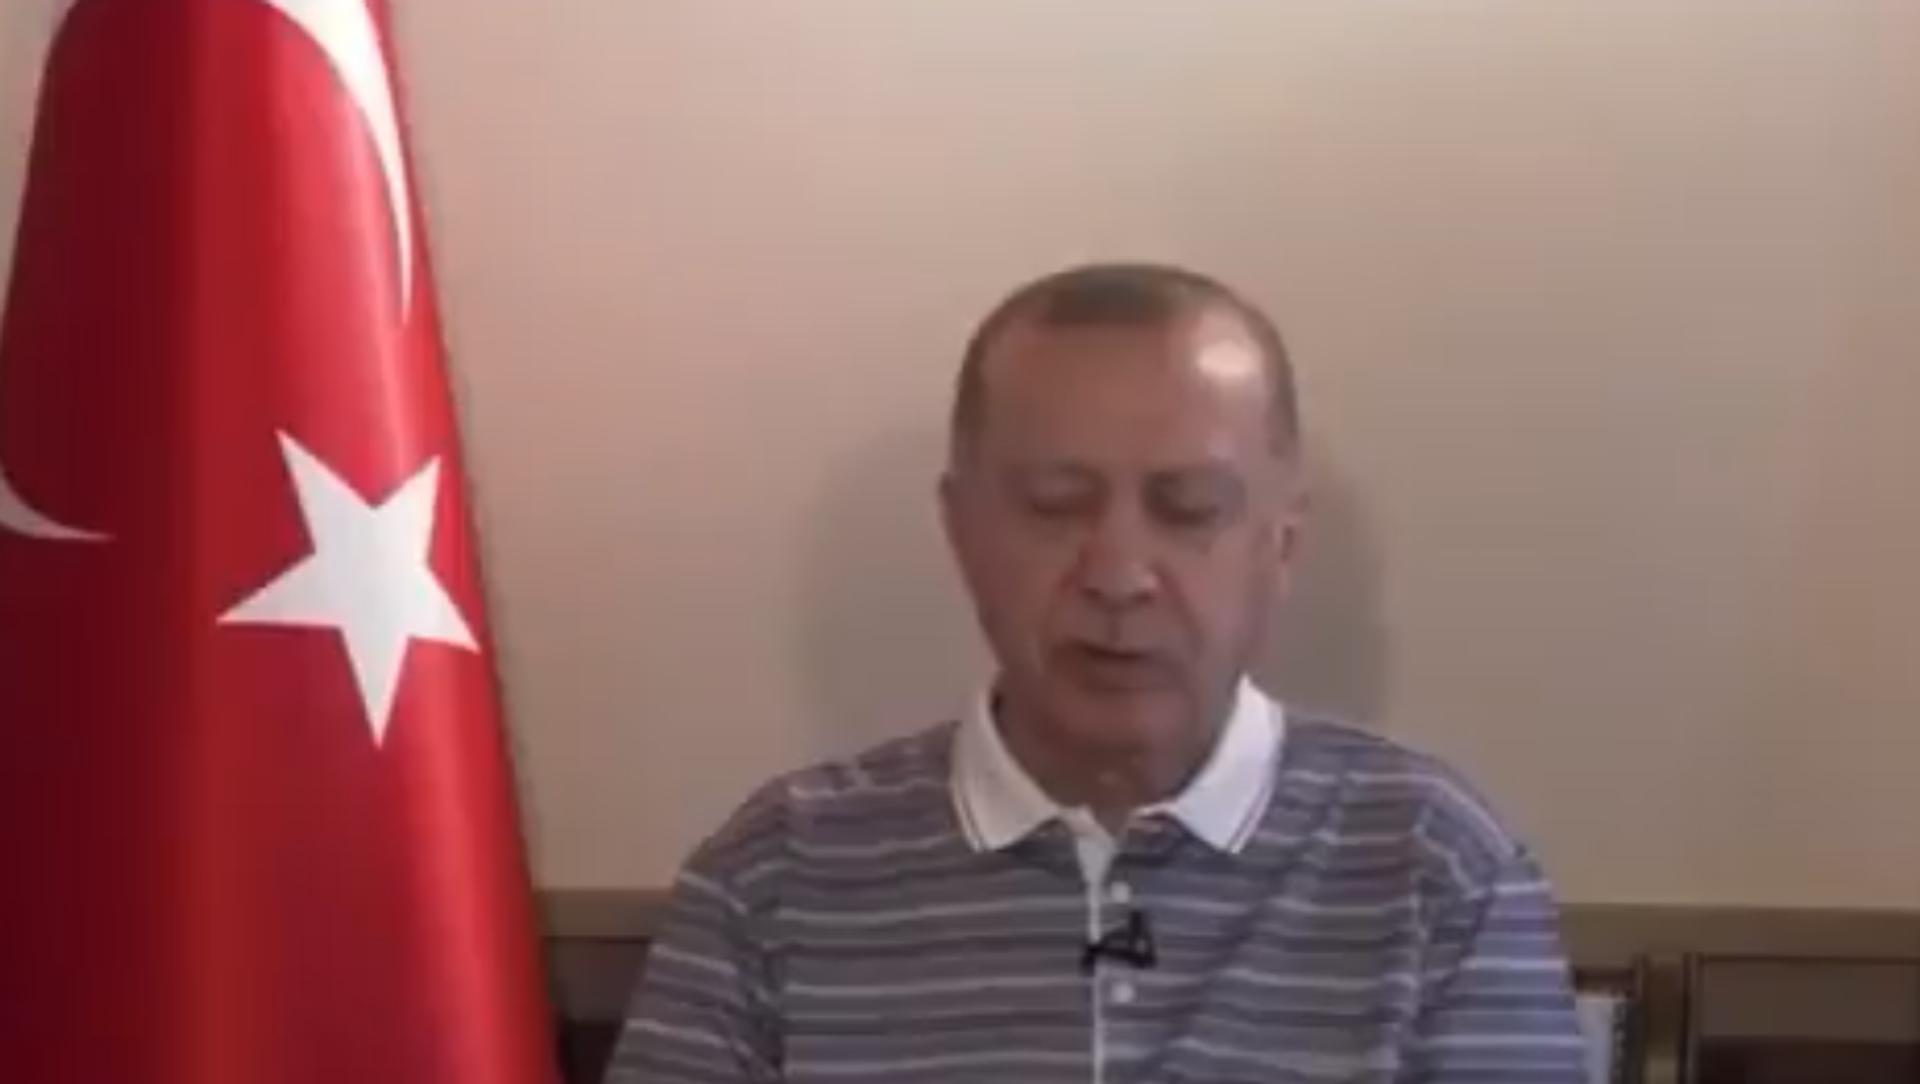 Recep Tayyip Erdogan - Sputnik International, 1920, 24.07.2021